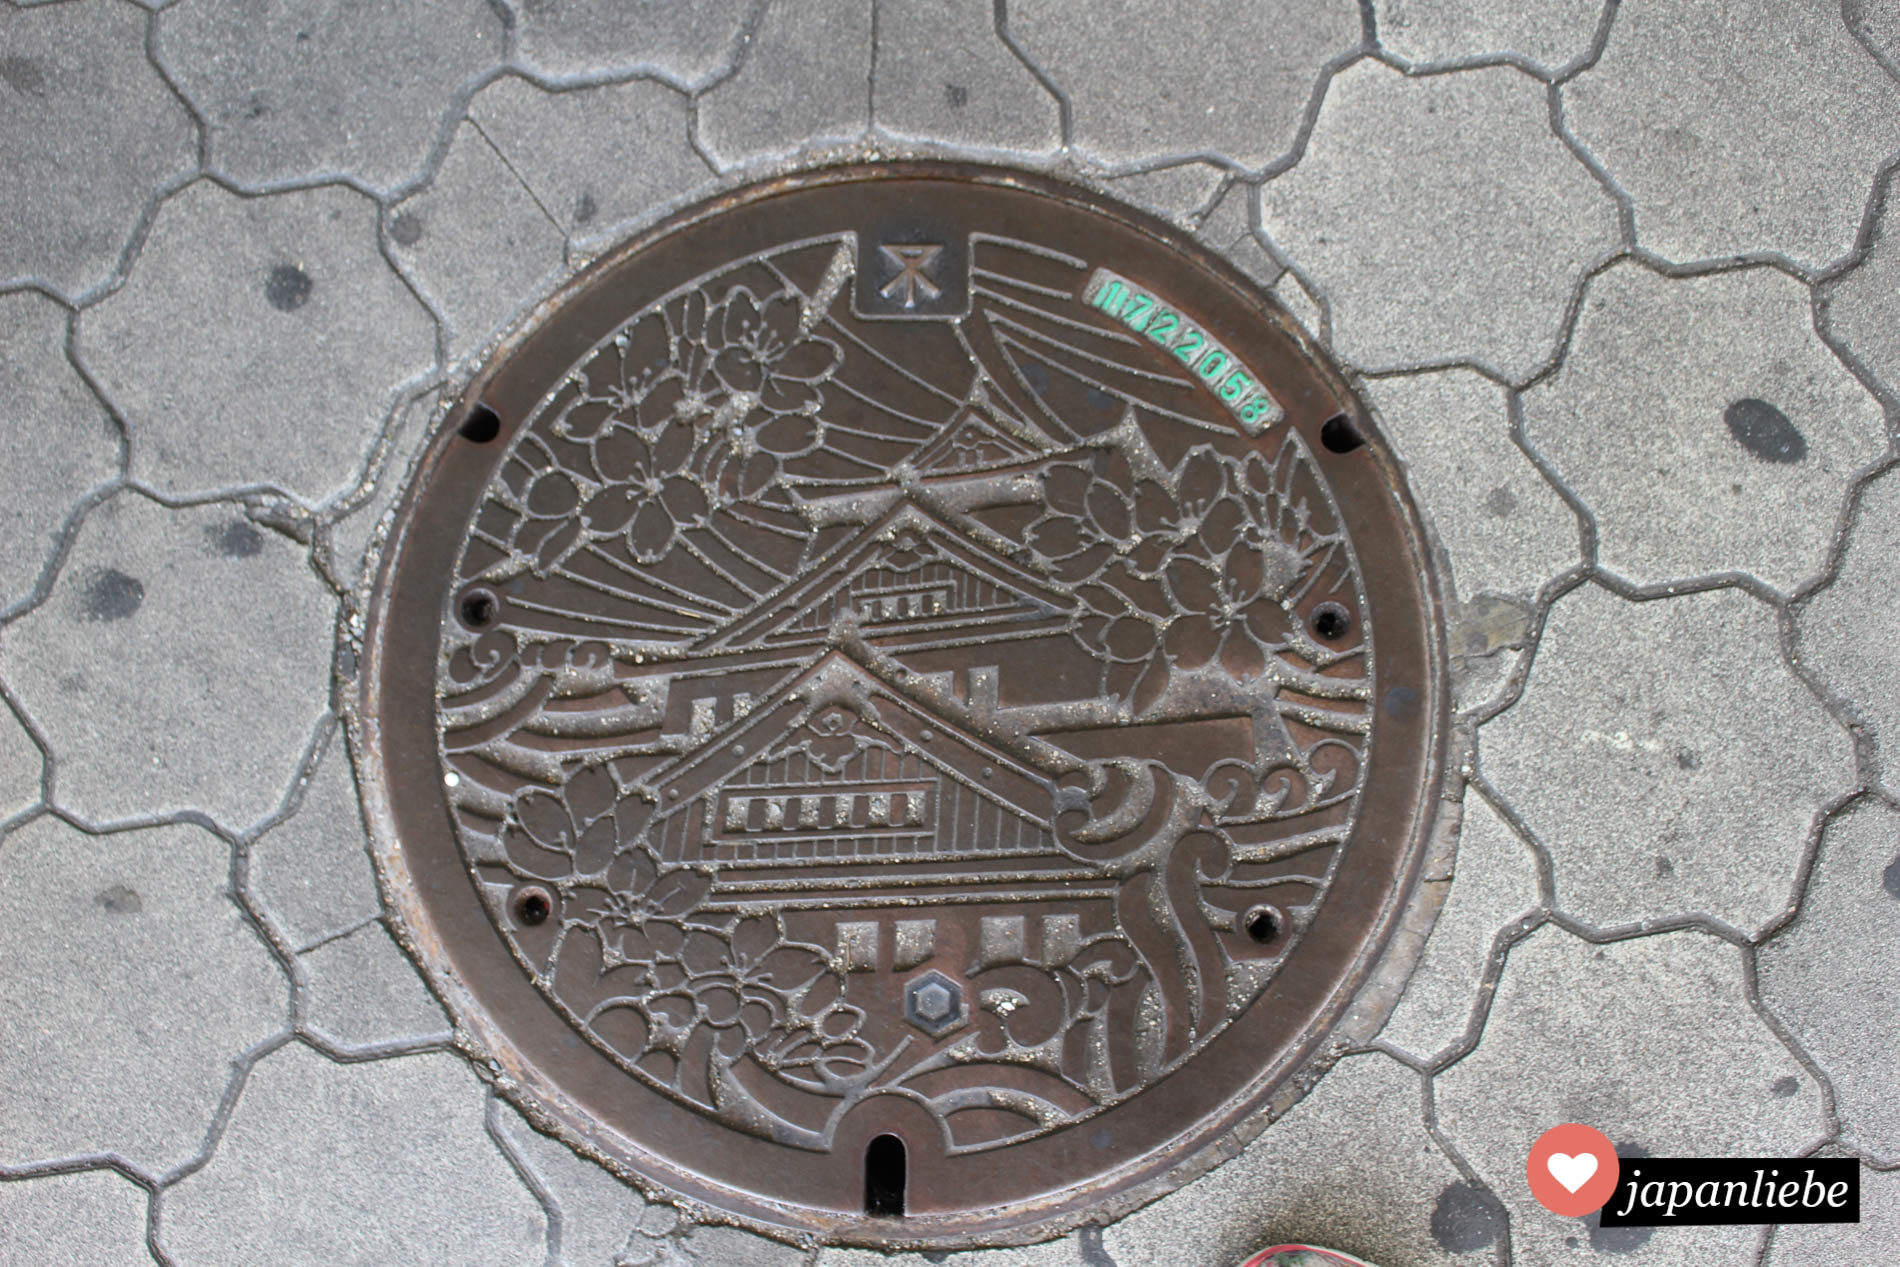 Eine Reihe an Kanaldeckeln in Osaka zeigen die Burg der Stadt mit Kirschblüten.